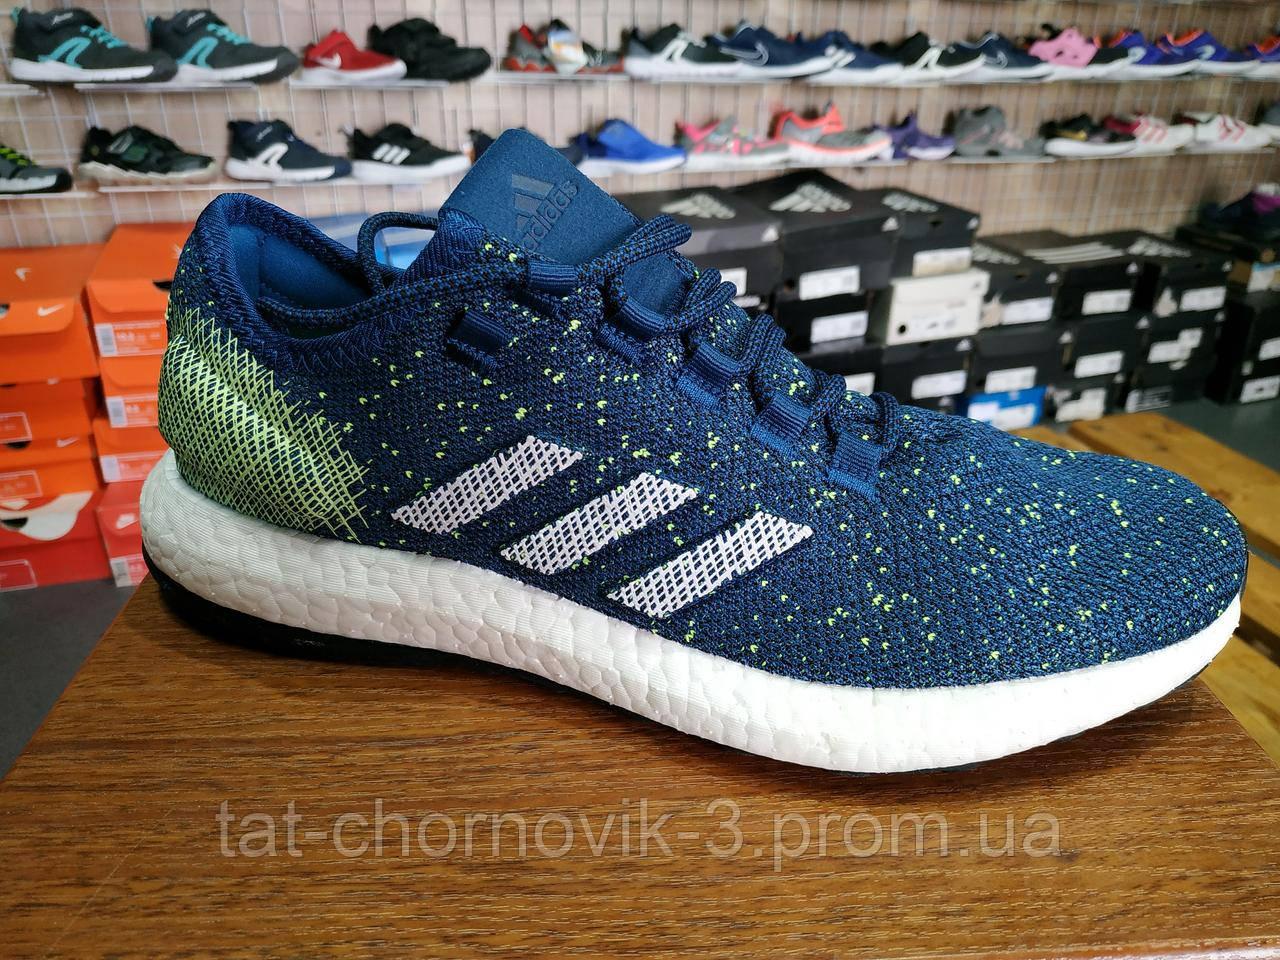 Adidas Pure Boost. B37776 Оригинальные мужские кроссовки для бега, занятий фитнесом.